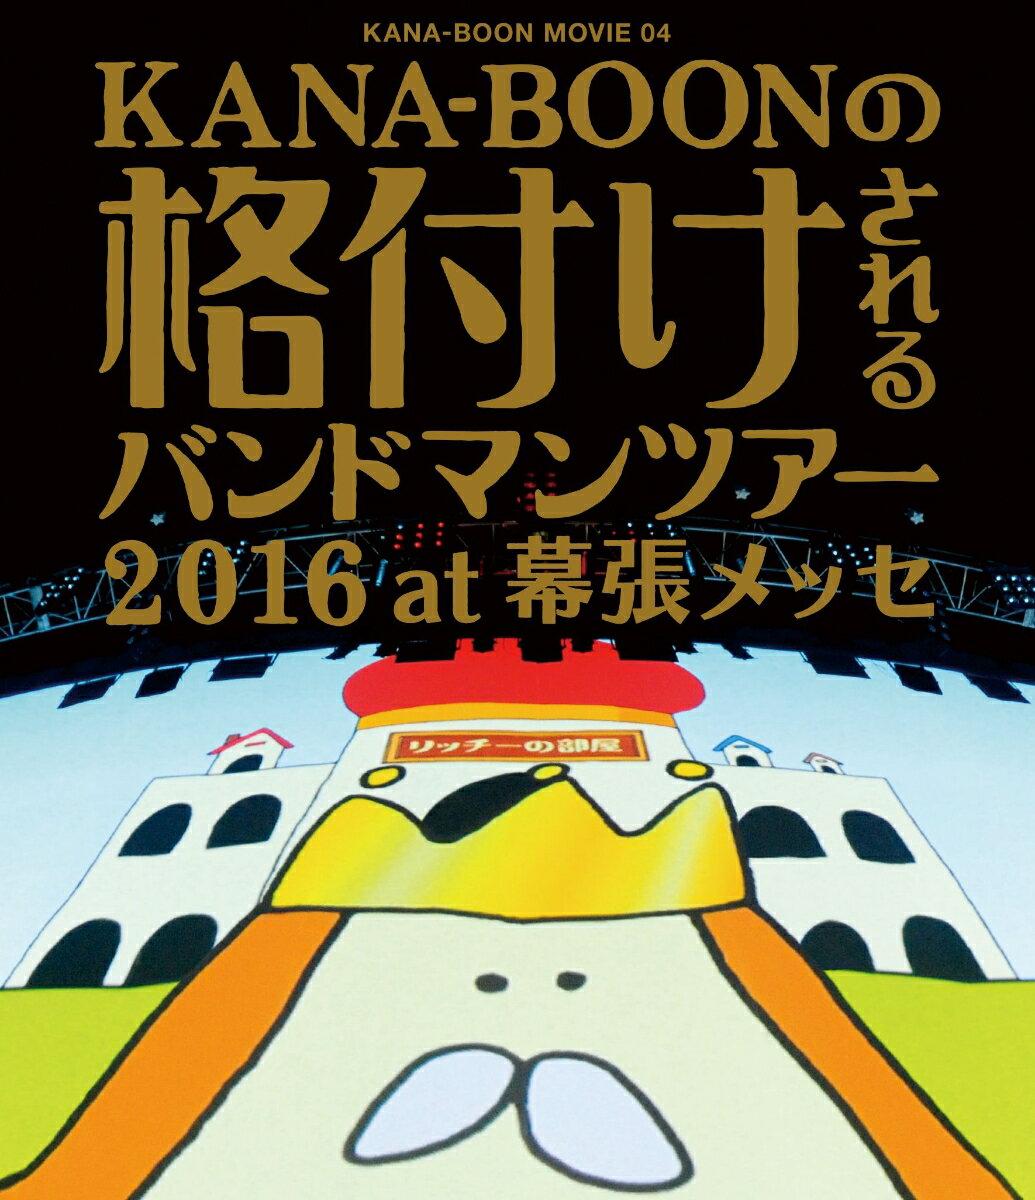 KANA-BOON MOVIE 04 KANA-...の商品画像